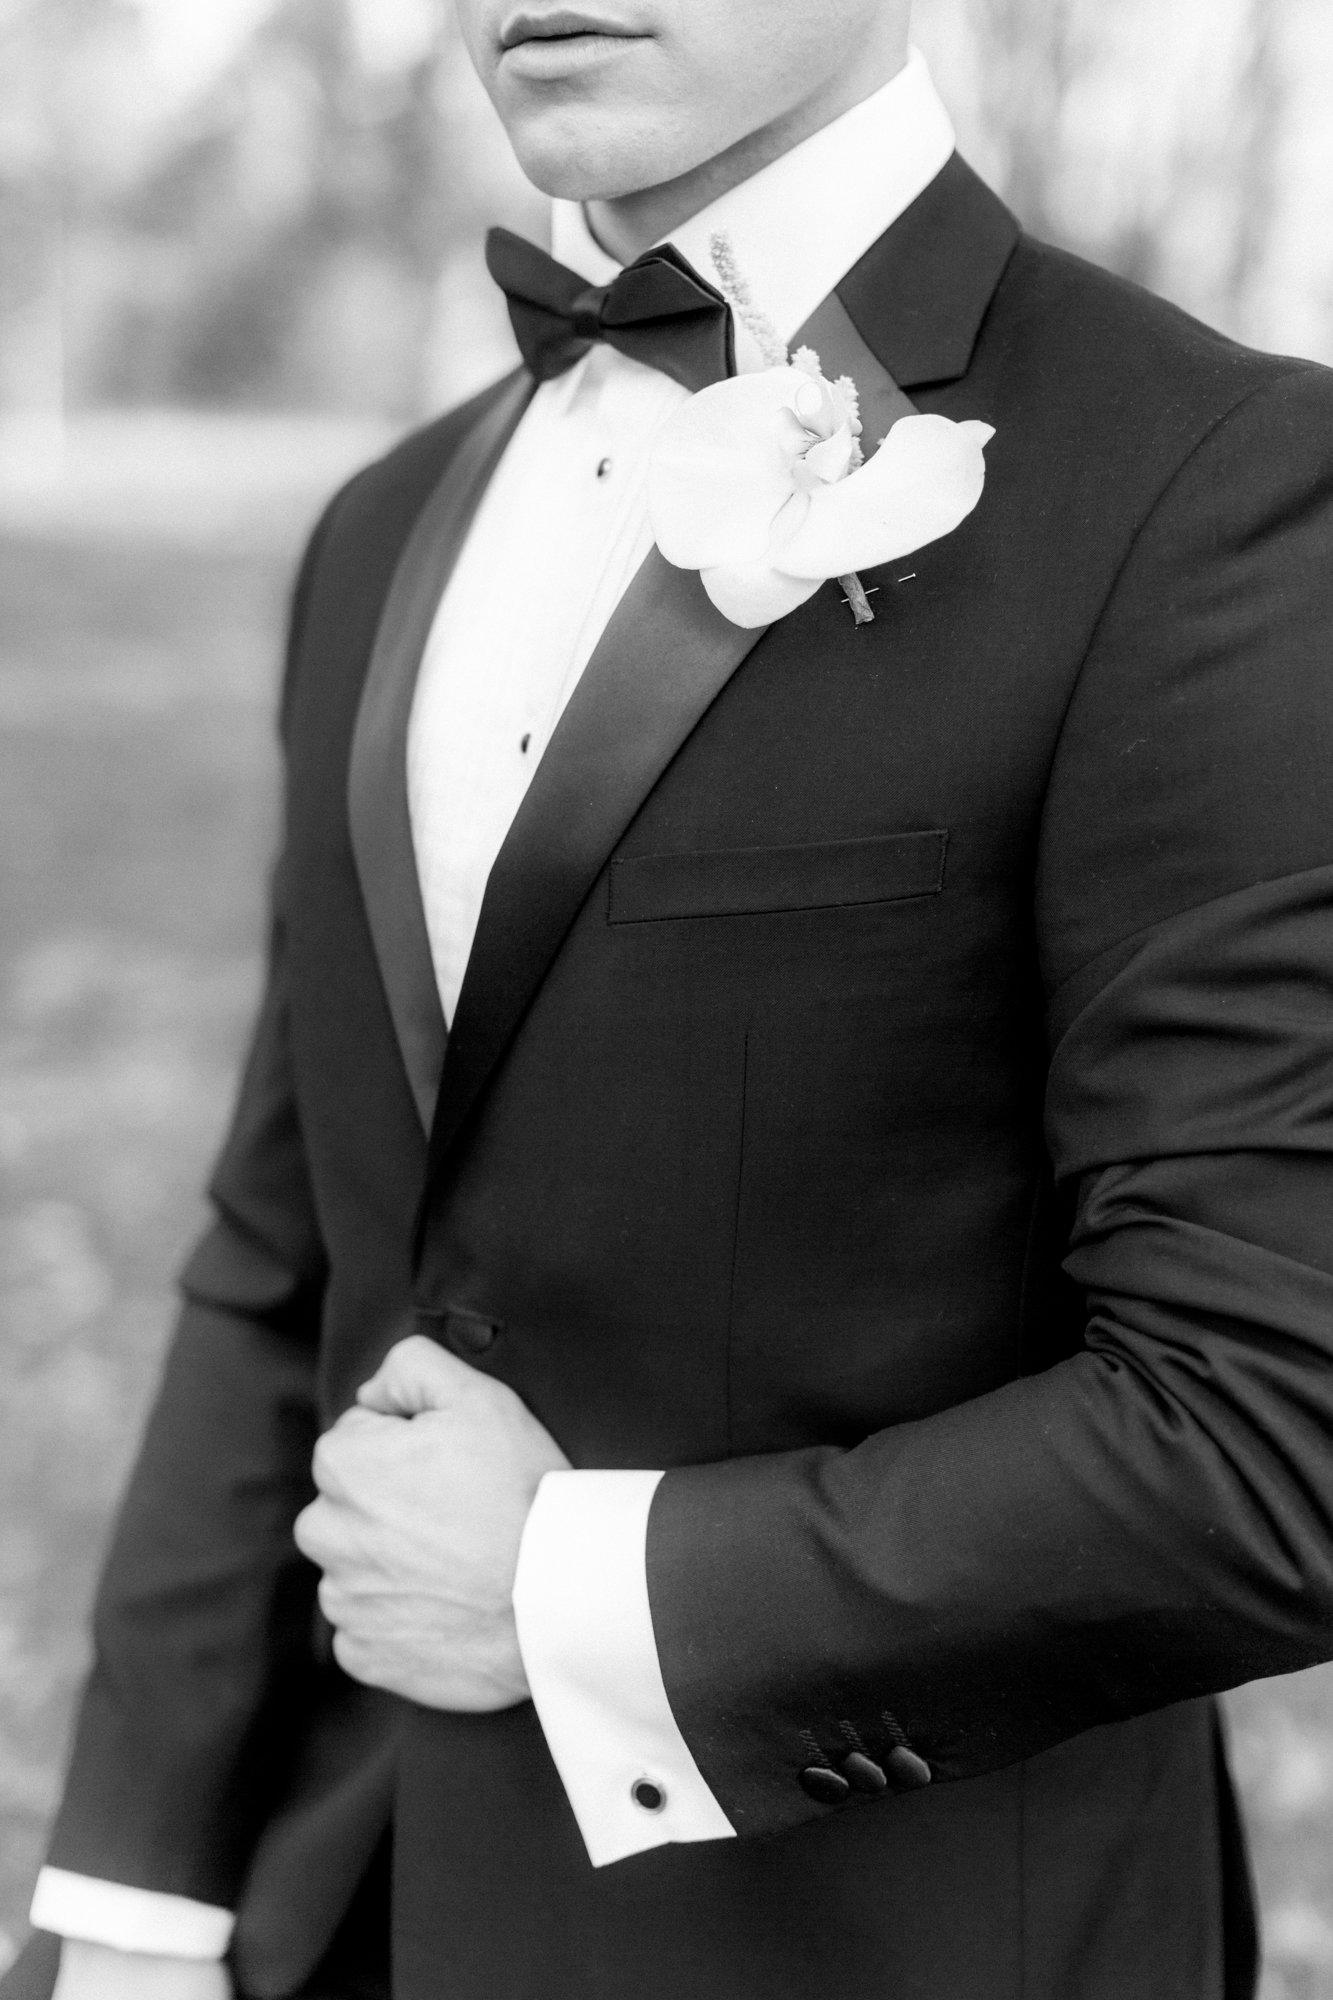 Dapper groom_black tuxedo.jpg